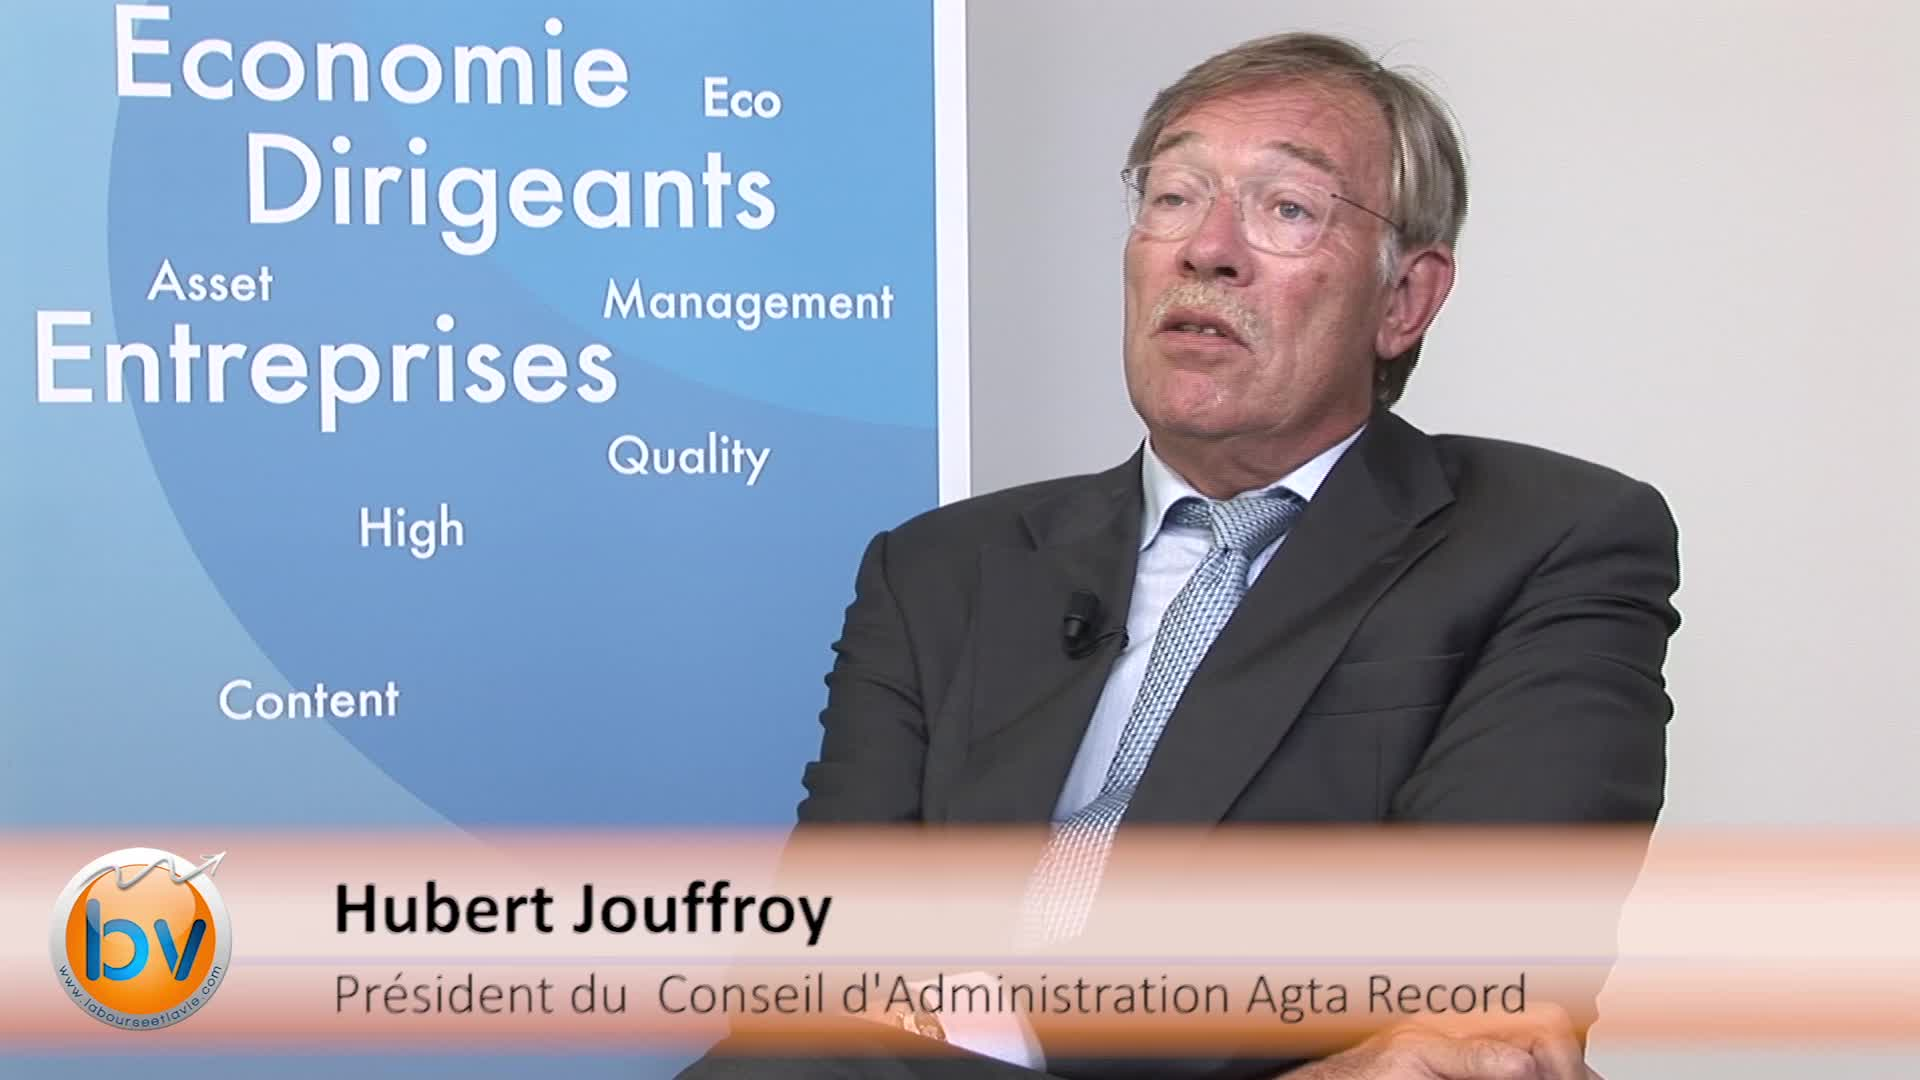 Hubert Jouffroy Président du Conseil d'Administration Agta Record : «Nous sommes optimistes pour l'année 2015»